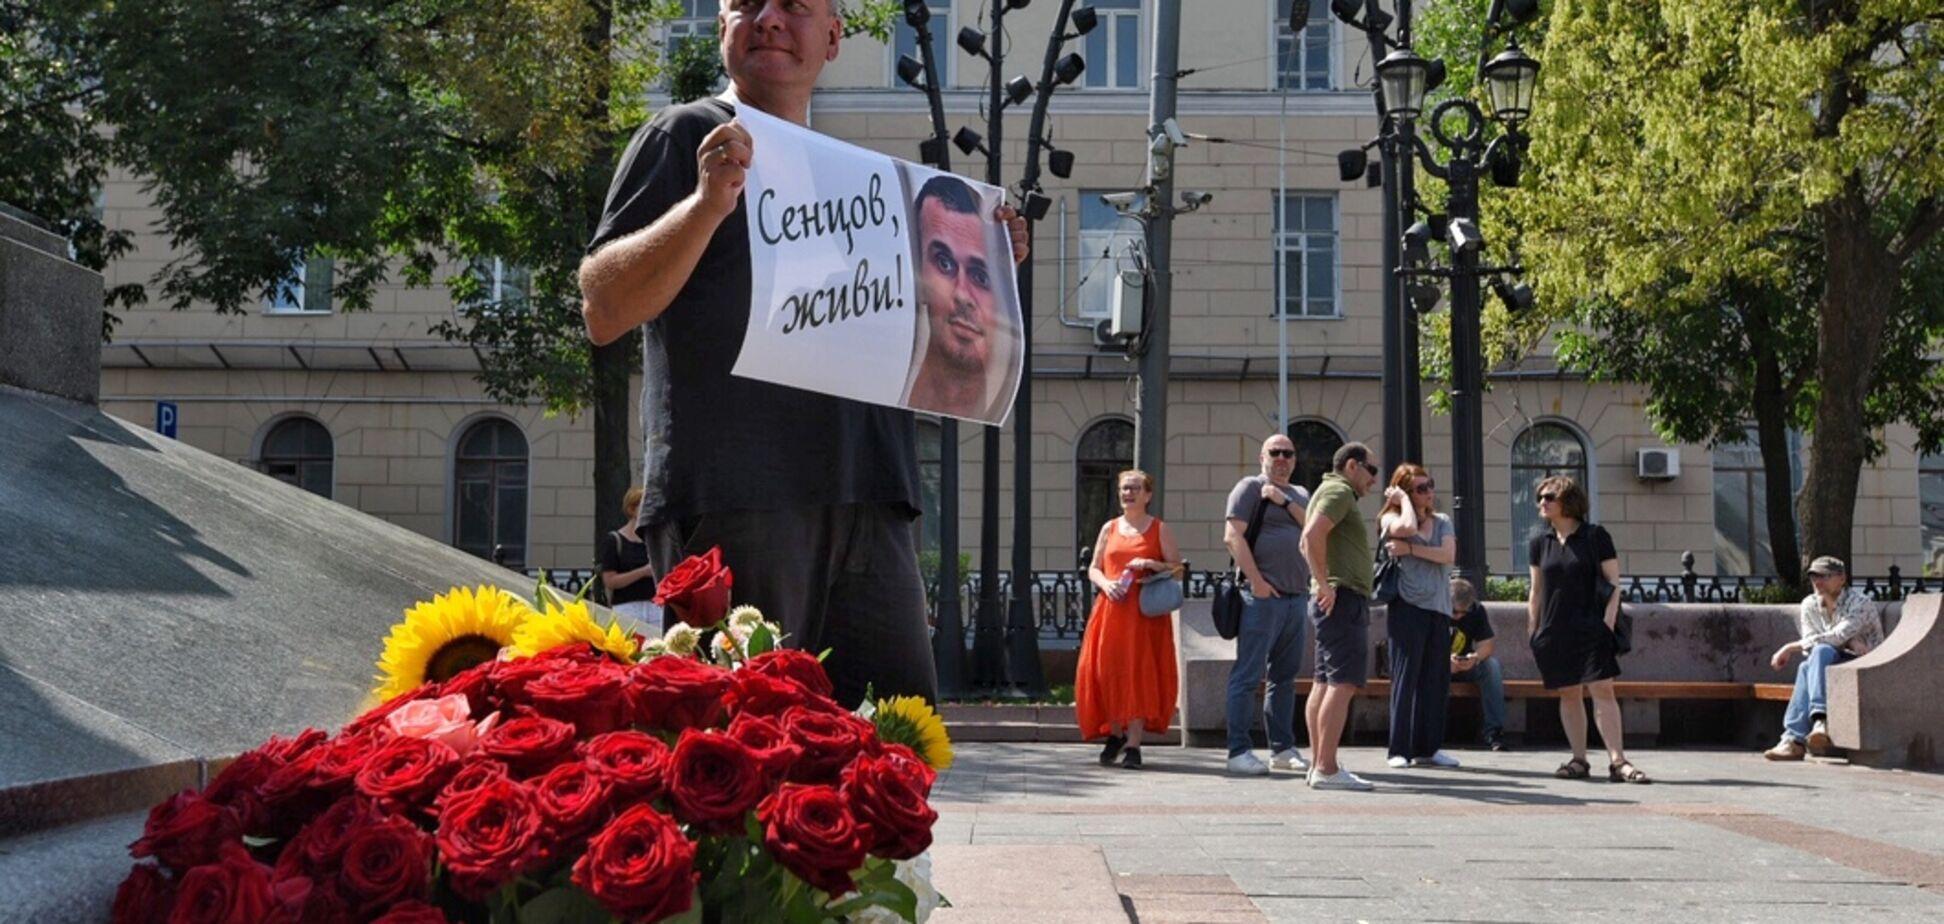 'Олежку, живи!' У центрі Москви пройшли пікети на підтримку Сенцова